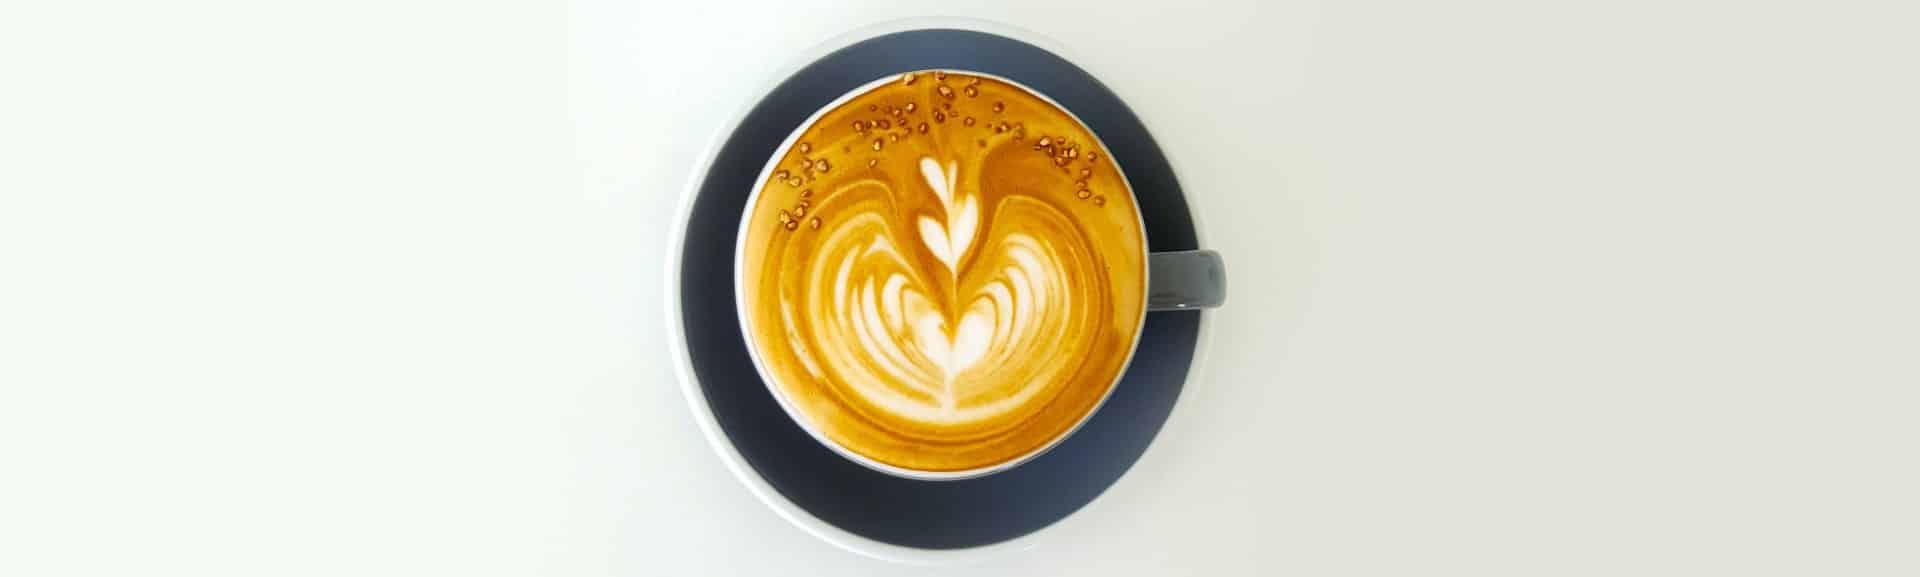 Meniul Haute Cup din Constanta - Cafea de Specialitate